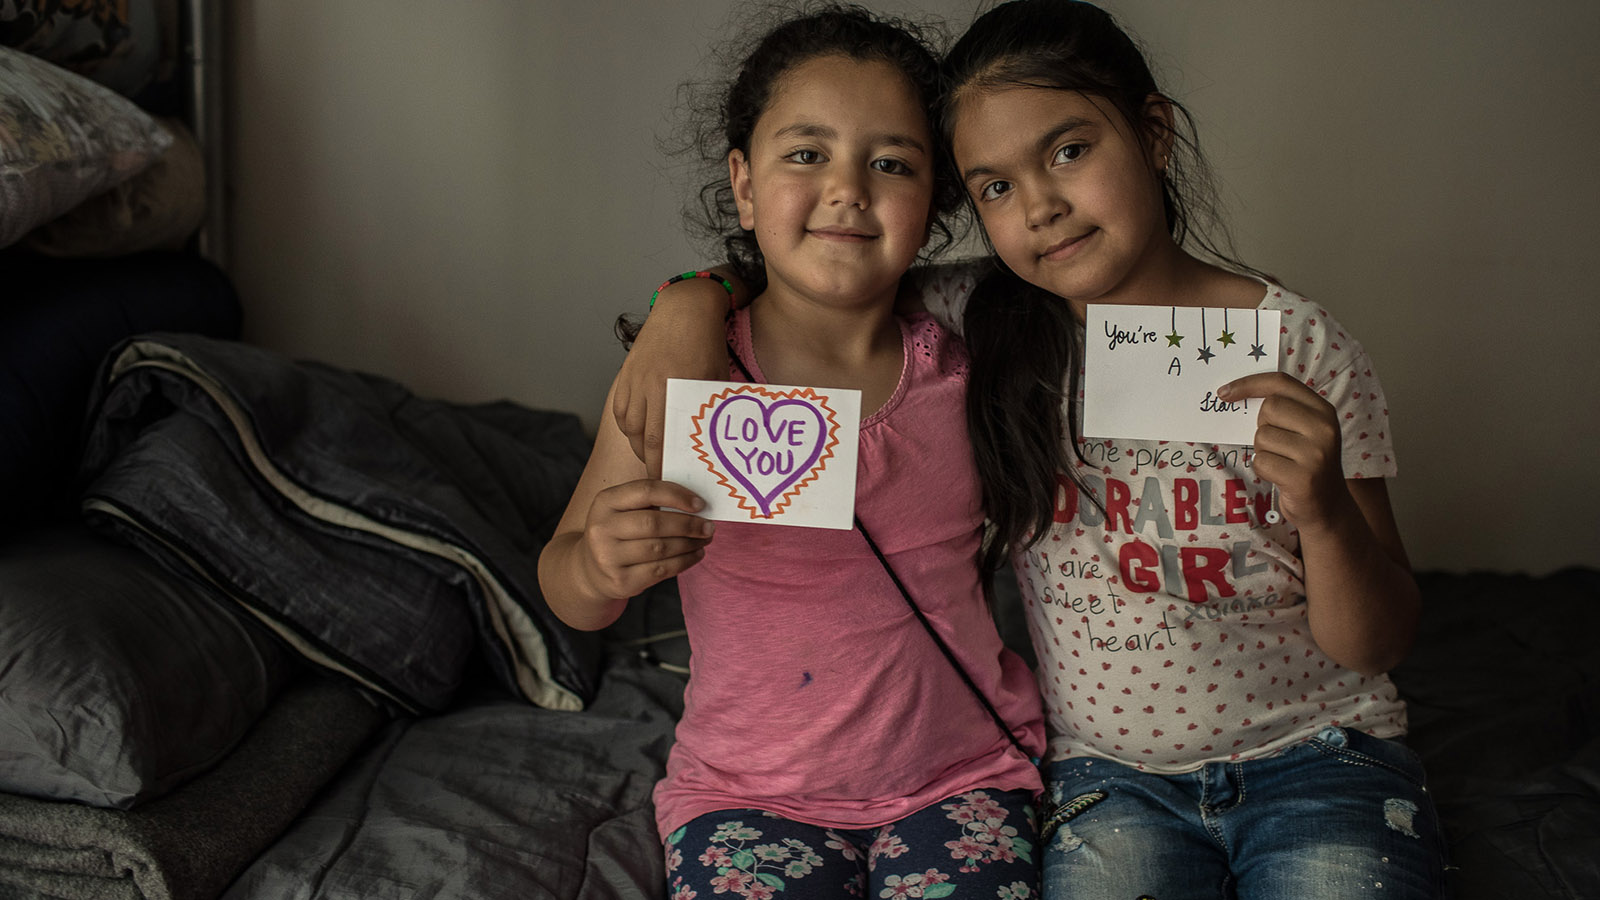 Deux filles partagent les lettres qu'elles ont reçues dans le cadre d'un échange de lettres entre des étudiants américains et des réfugiés internationaux.